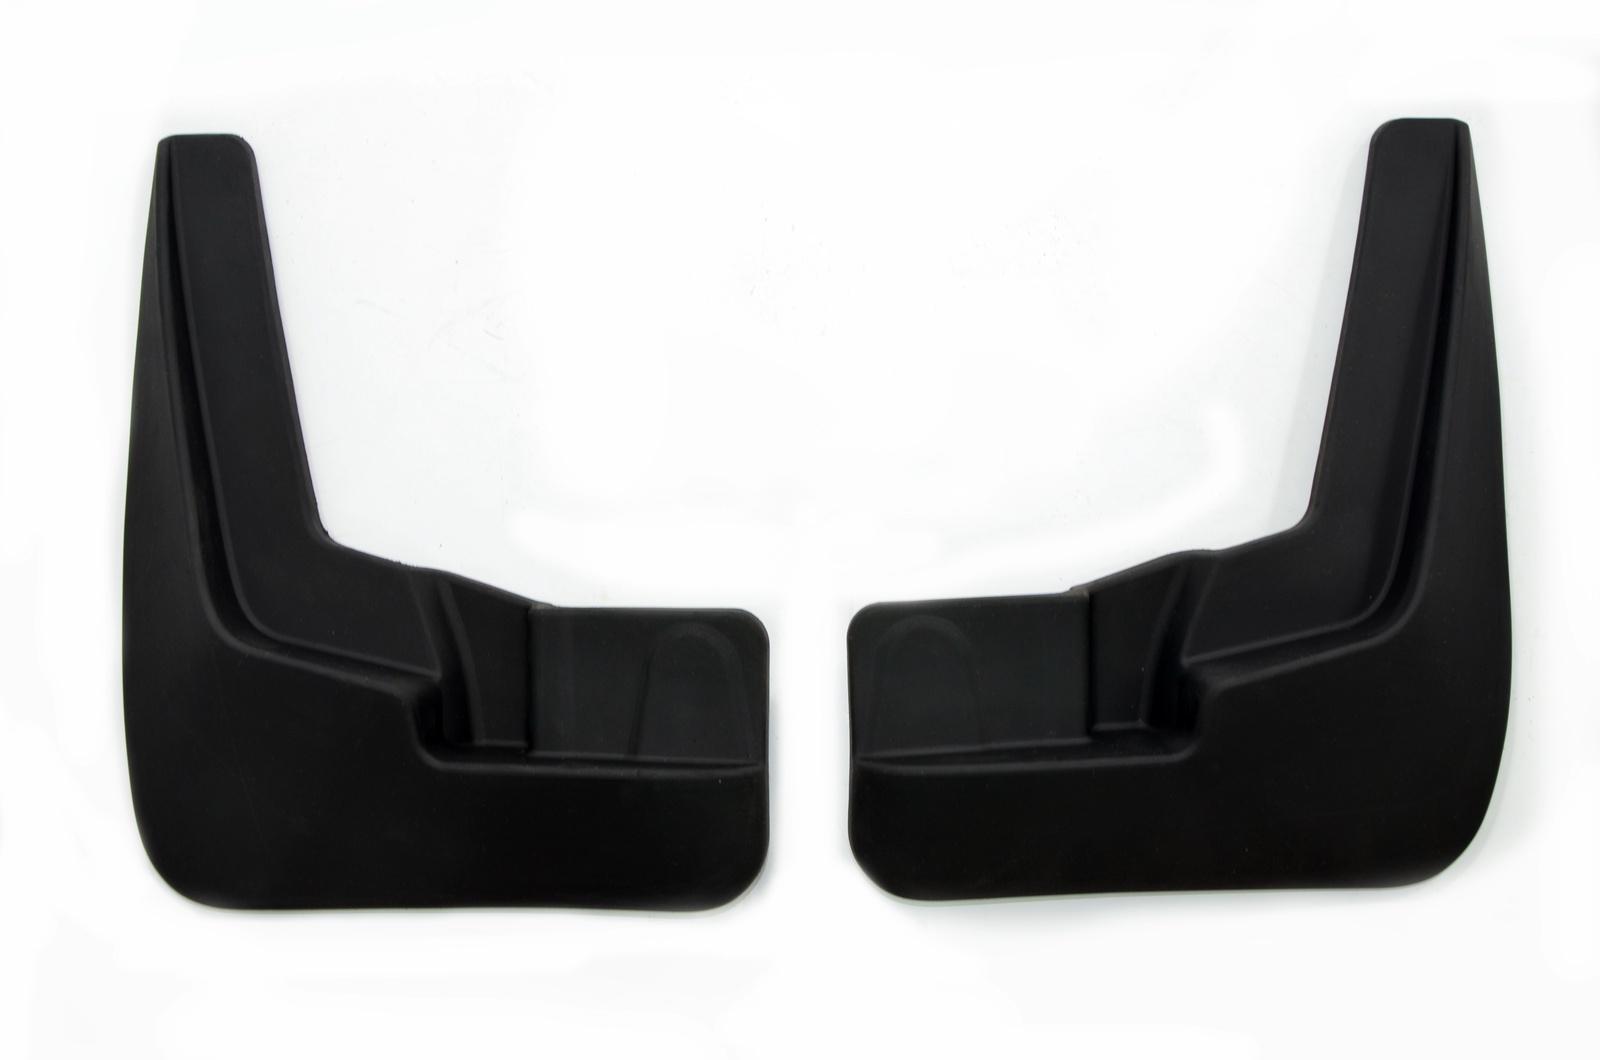 цена на Брызговики резиновые для Renault Logan II (2014-) Передние